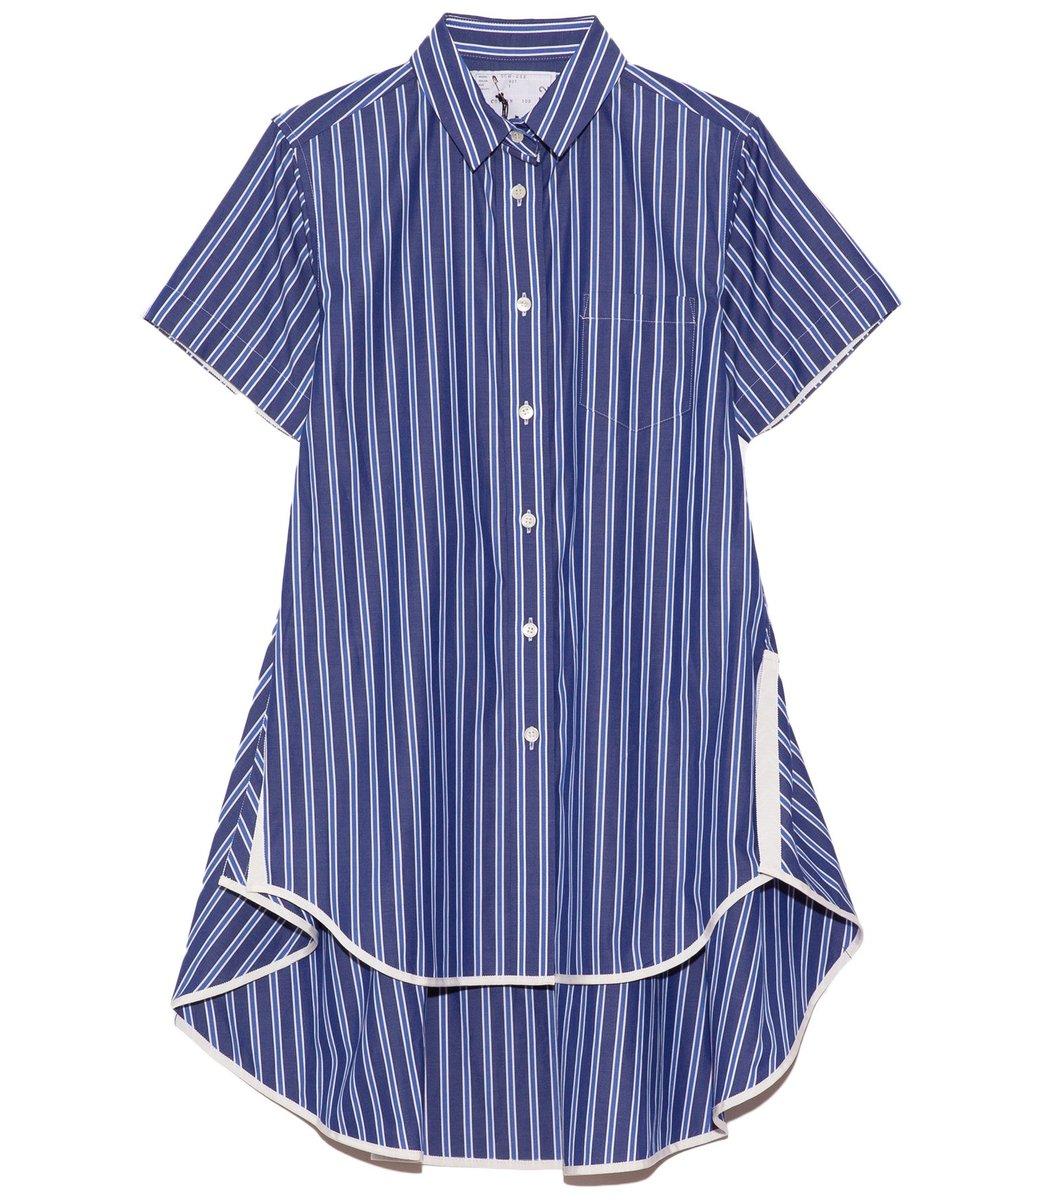 Sacai Cotton Poplin Shirt in Random Stripe